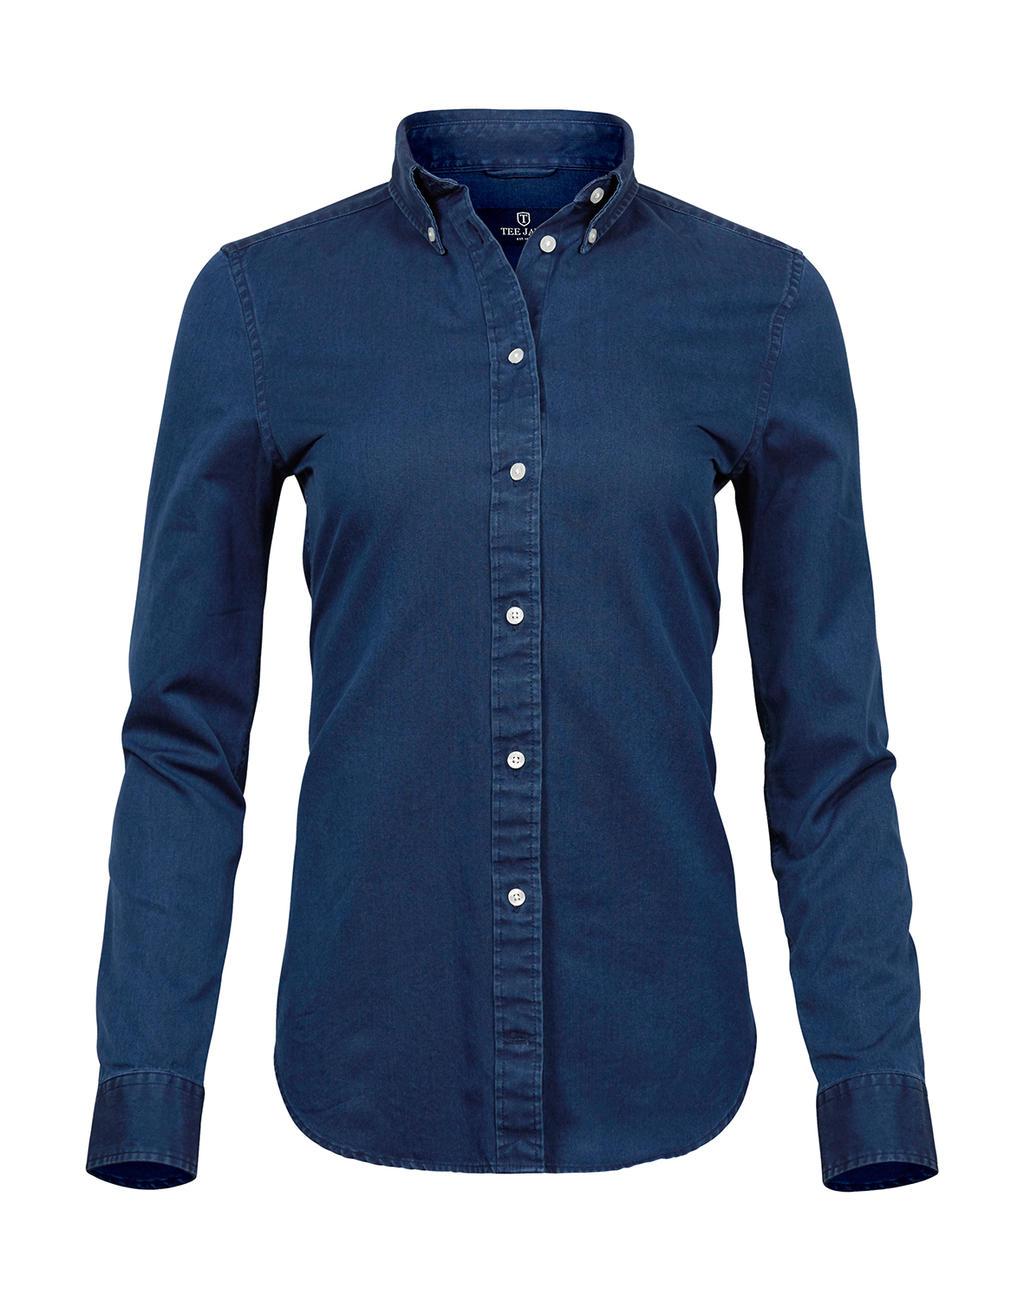 Dámská košile Casual Twill - zvìtšit obrázek